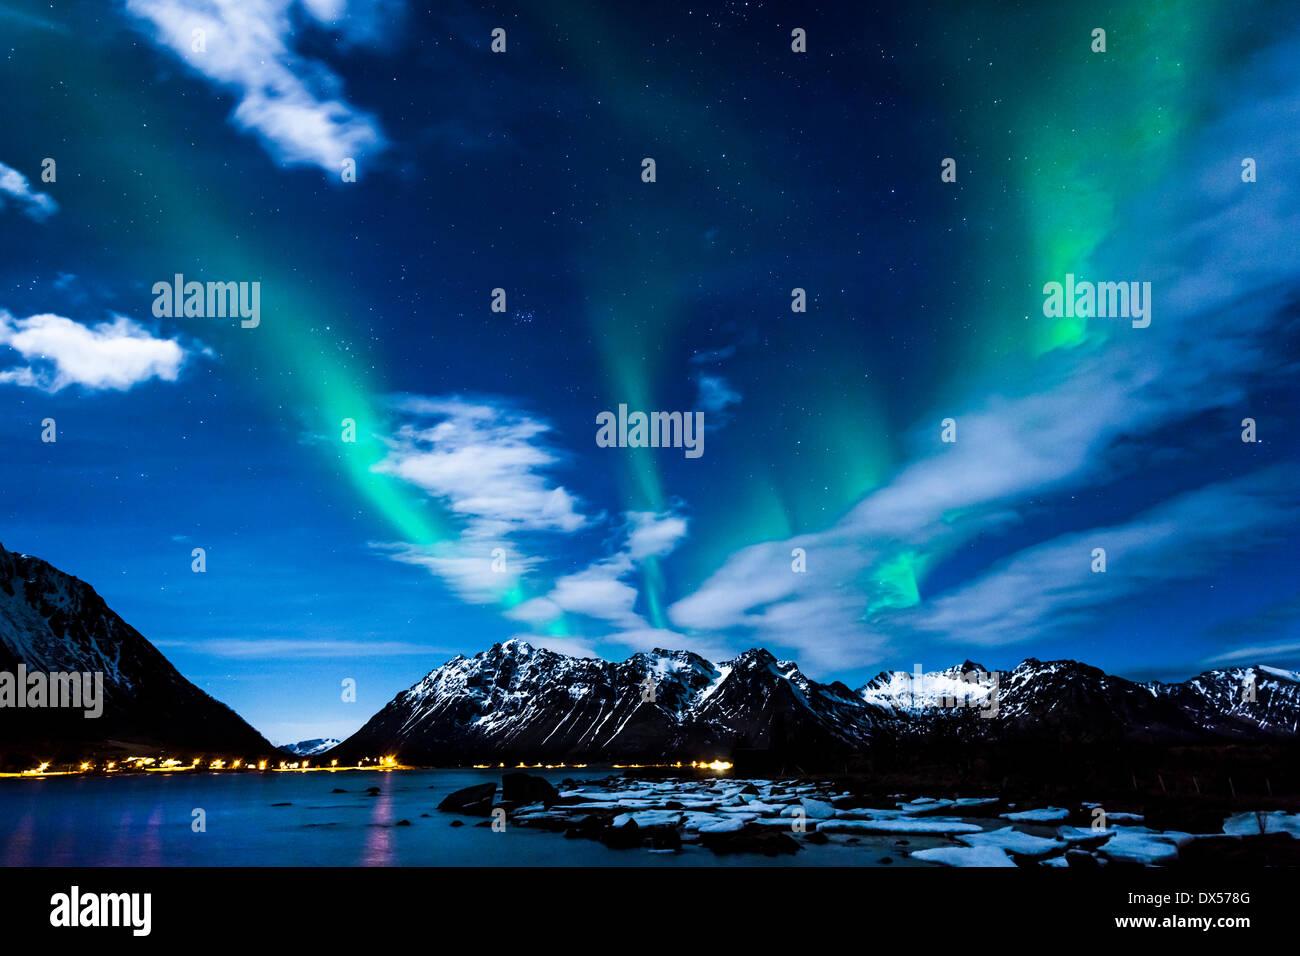 Las luces del norte o Aurora Borealis, en la costa de Gimsøy, Gimsøya, Lofoten, Noruega Imagen De Stock